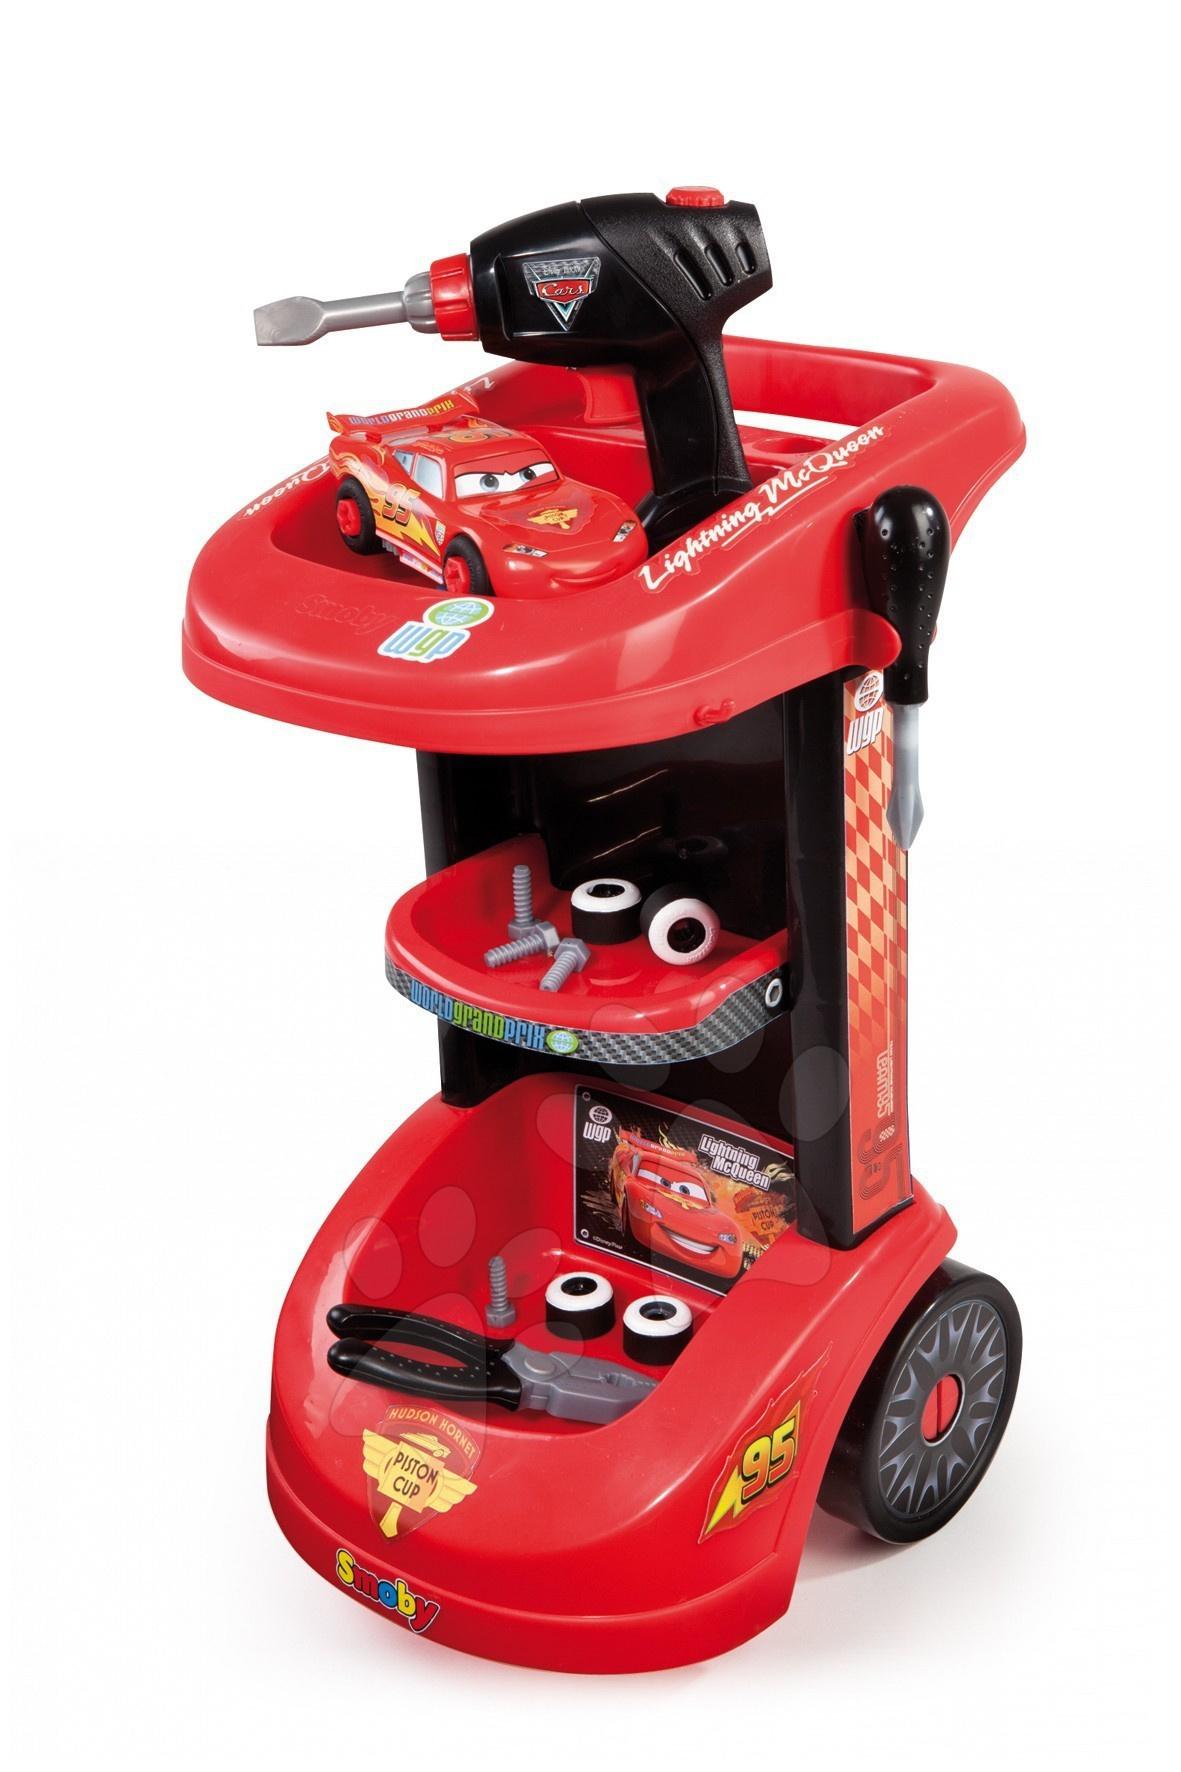 Dětský pracovní vozík Auta Smoby s autem McQueen, mechanickou vrtačkou a 15 doplňky